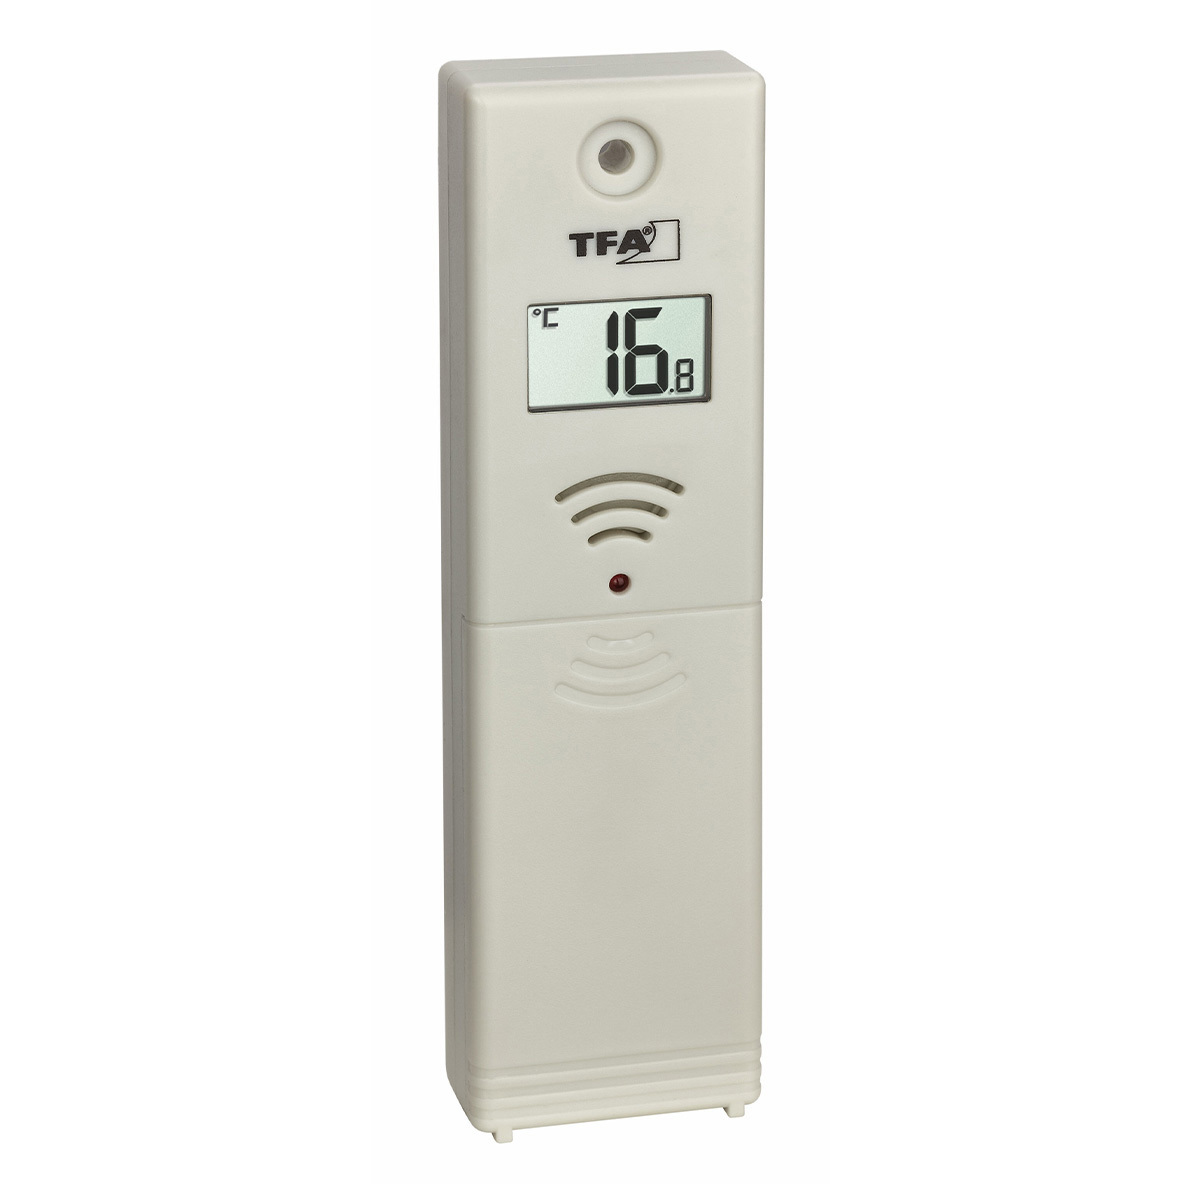 30-3225-10-temperatursender-1200x1200px.jpg